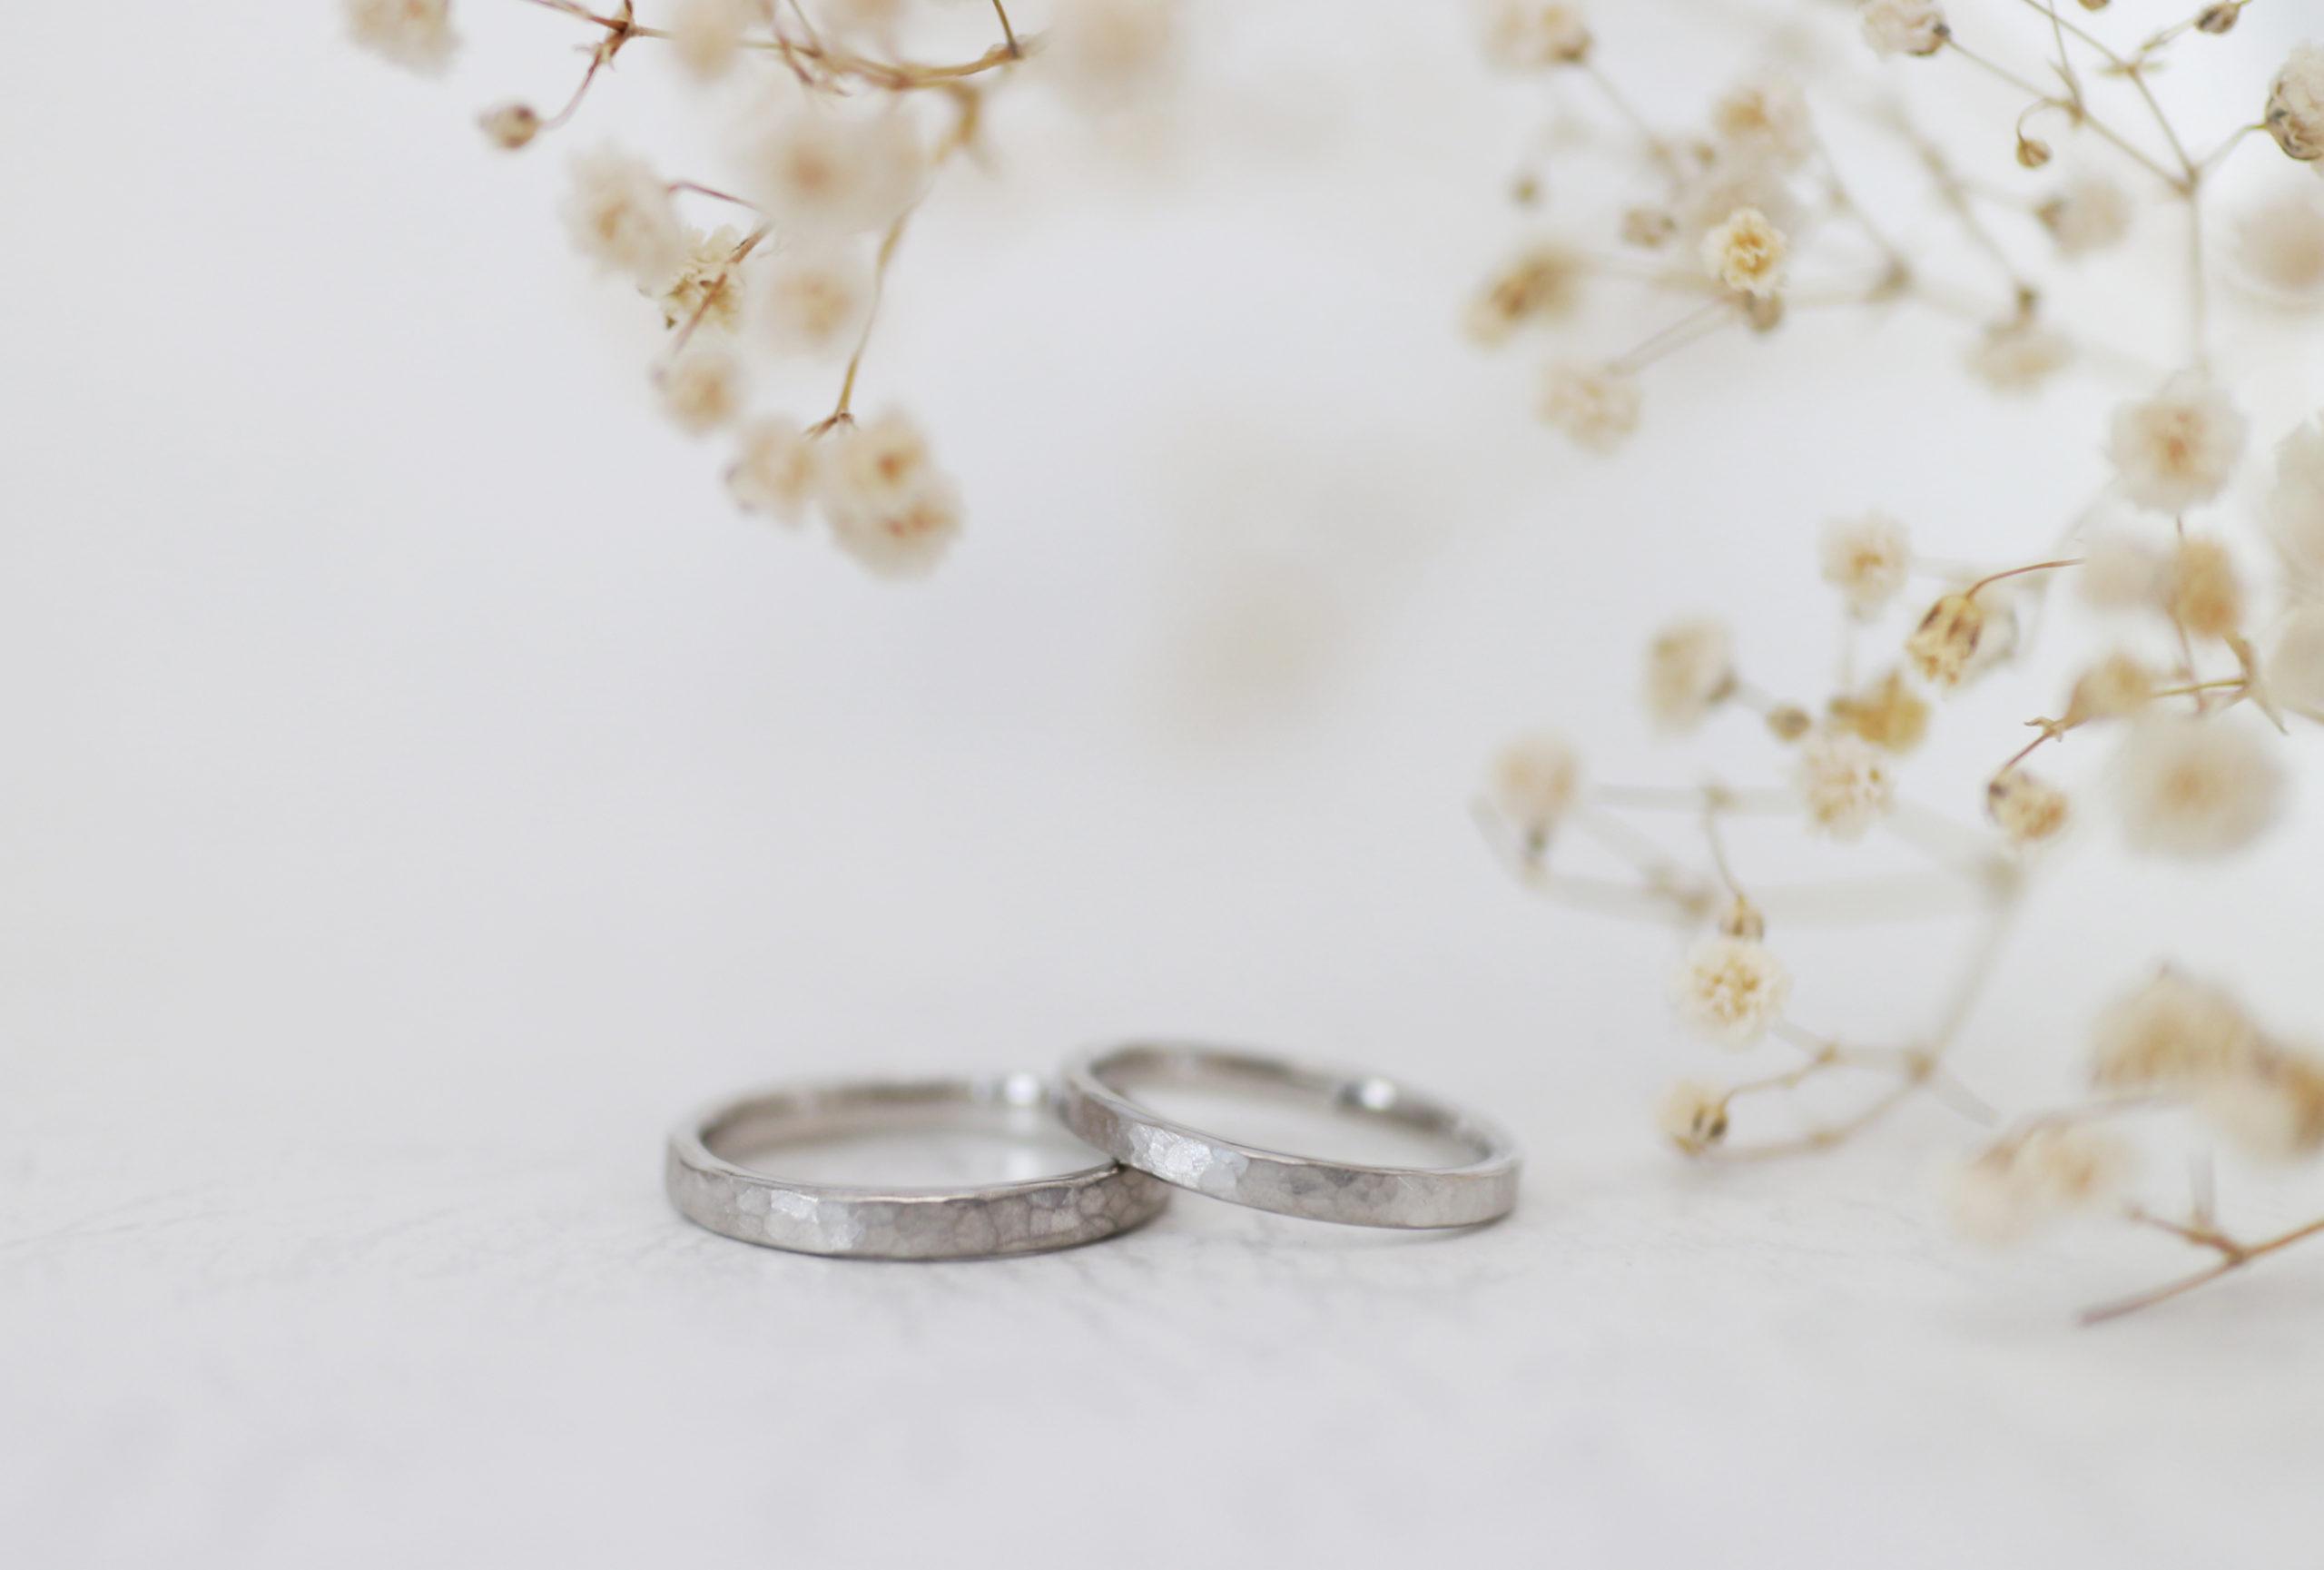 鎚目とつや消しを施した手作り結婚指輪